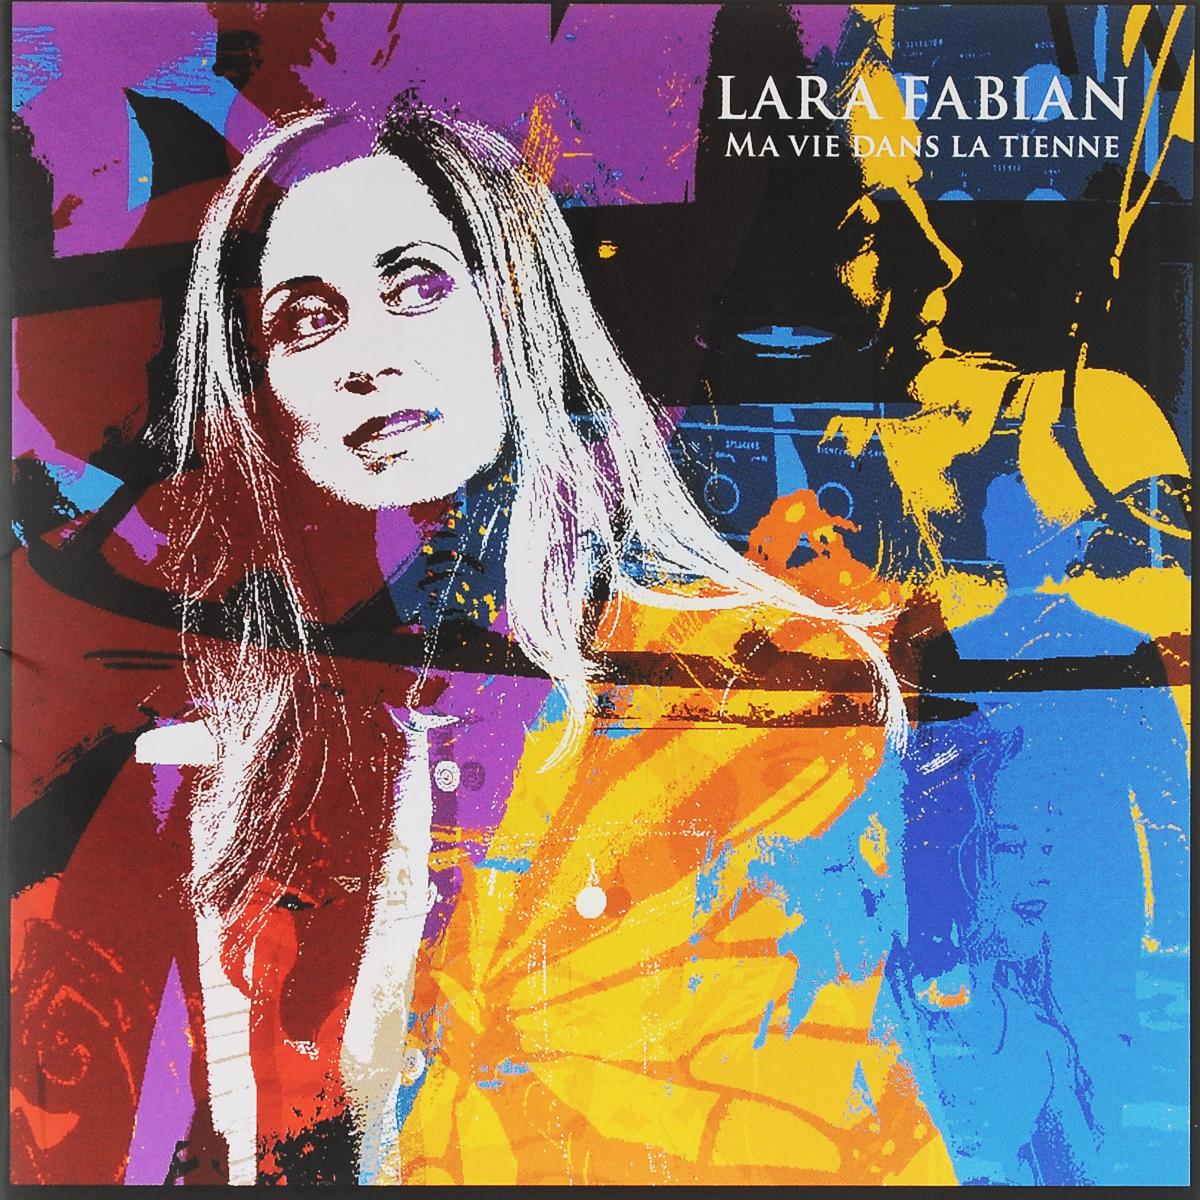 К изданию прилагается буклет с цветными фотографиями и текстами песен на французском языке.